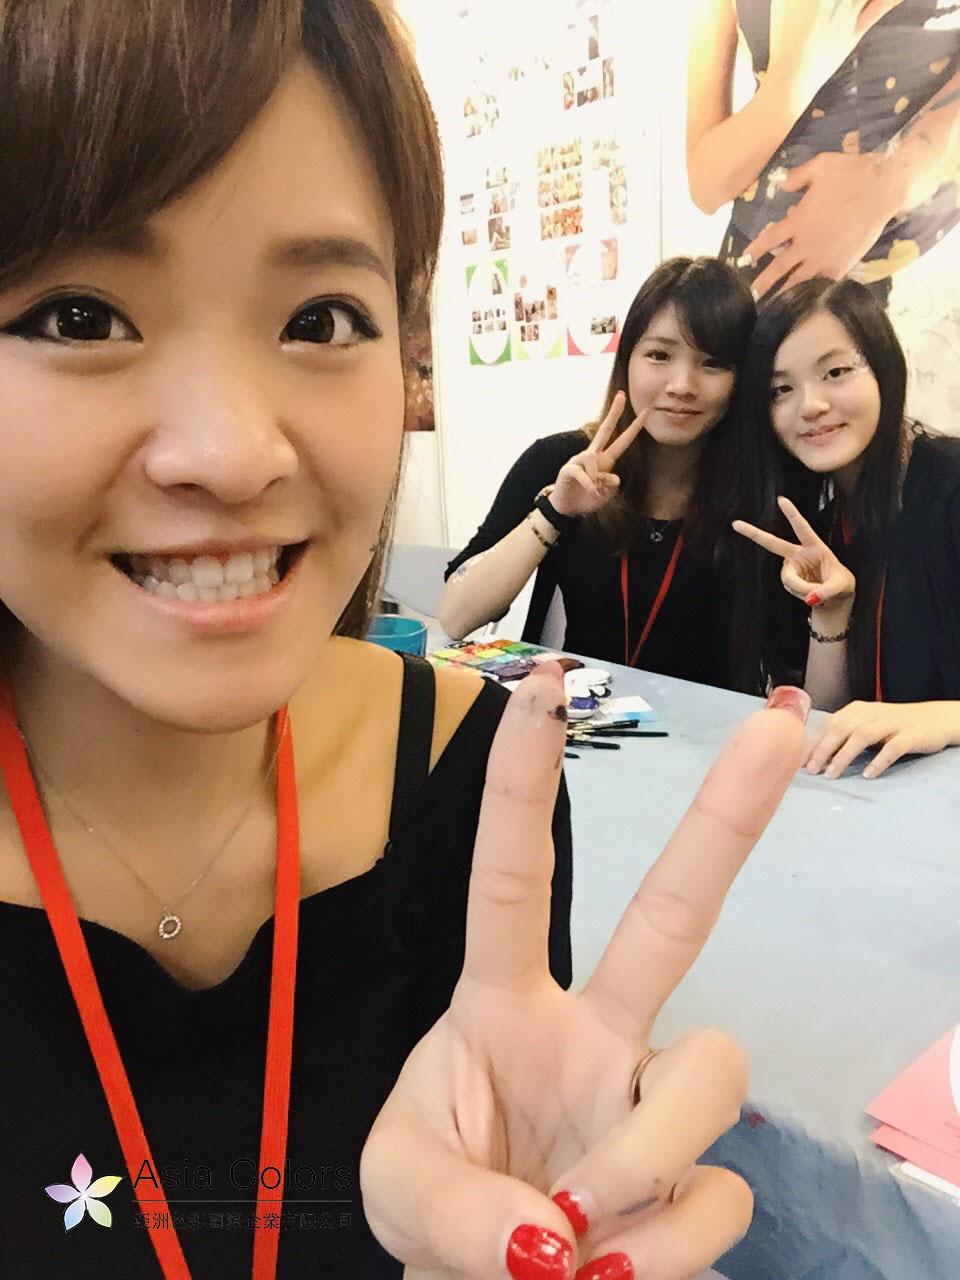 2015.10.31市政府彩繪_4000 copy.jpg